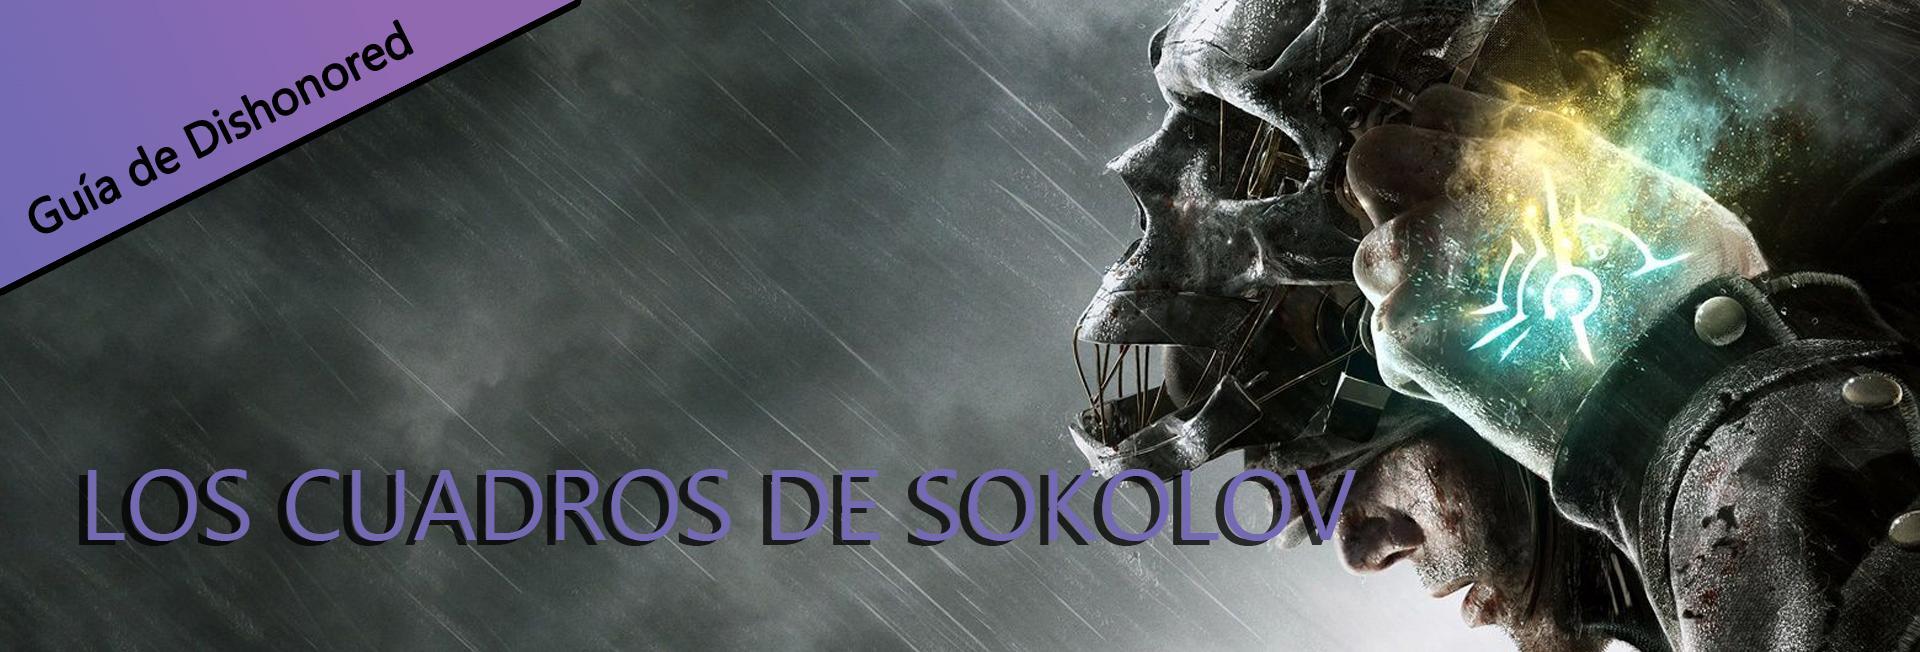 Guía de Dishonored Definitive Edition - Los Cuadros de Sokolov ...